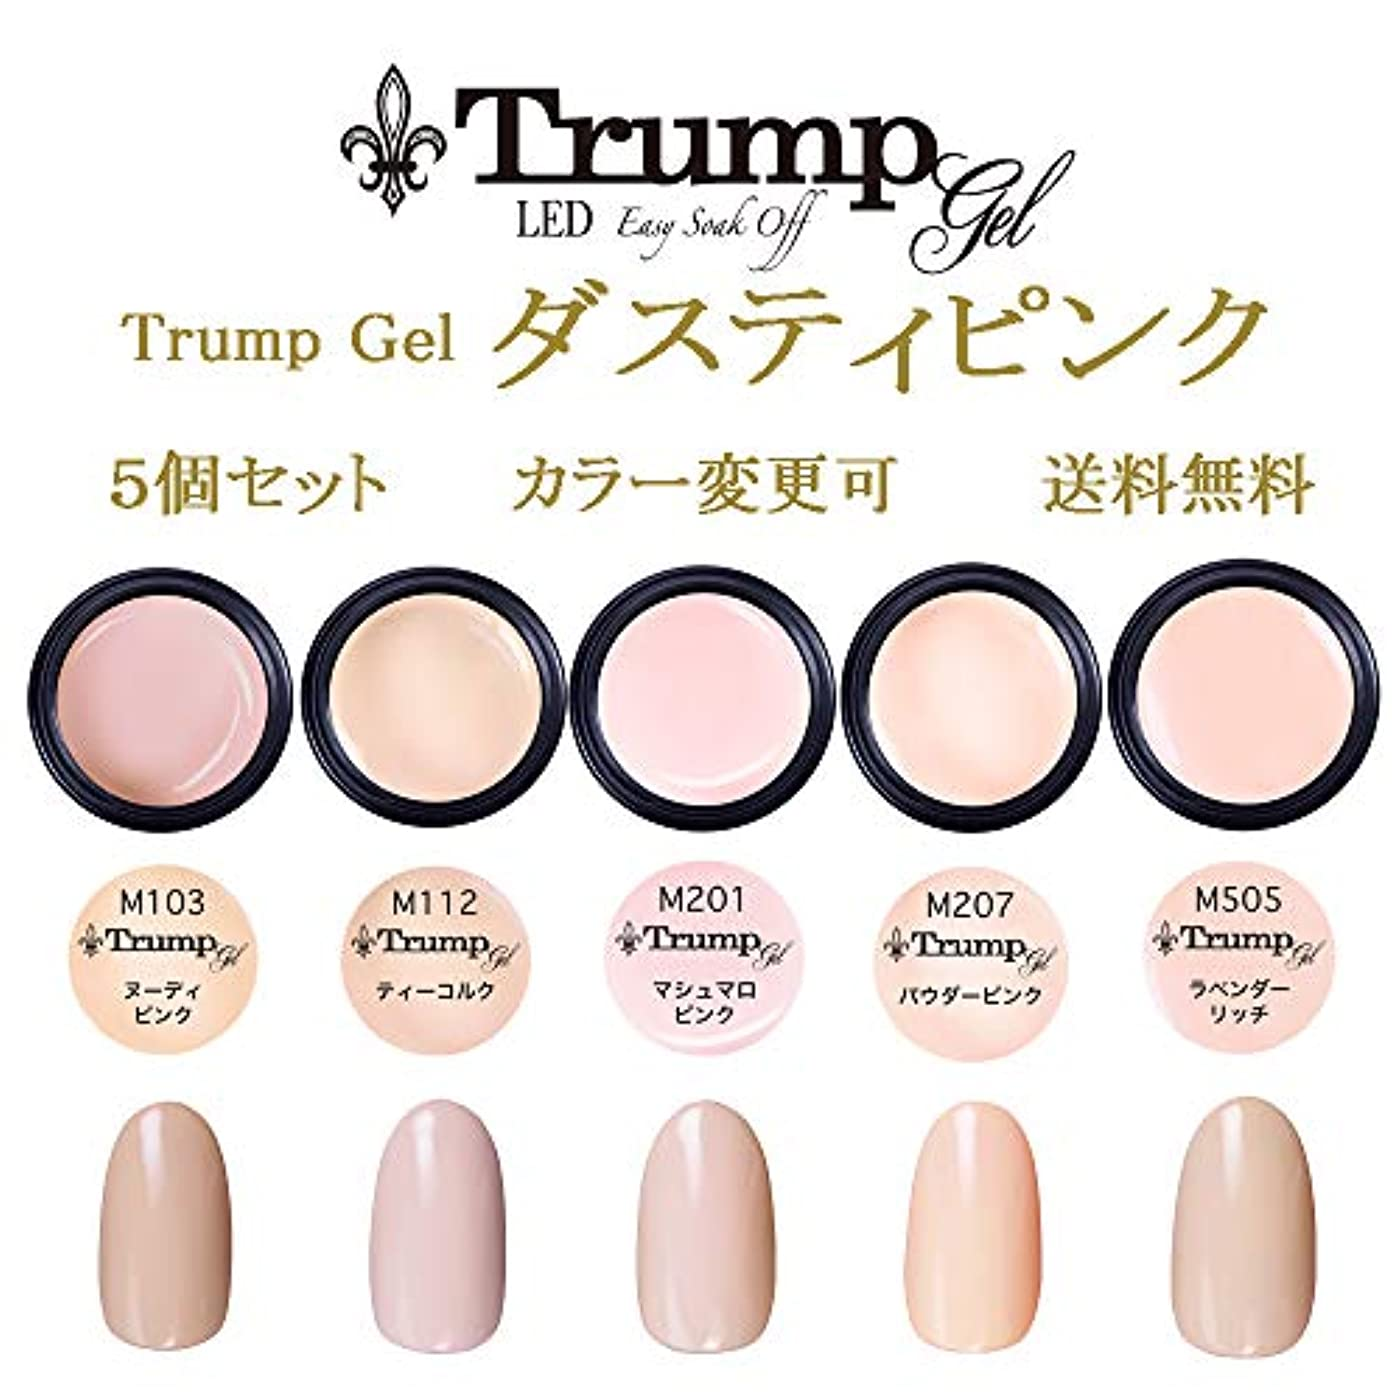 キャメルネクタイ麻痺させる【送料無料】Trumpダスティピンクカラー選べる カラージェル5個セット